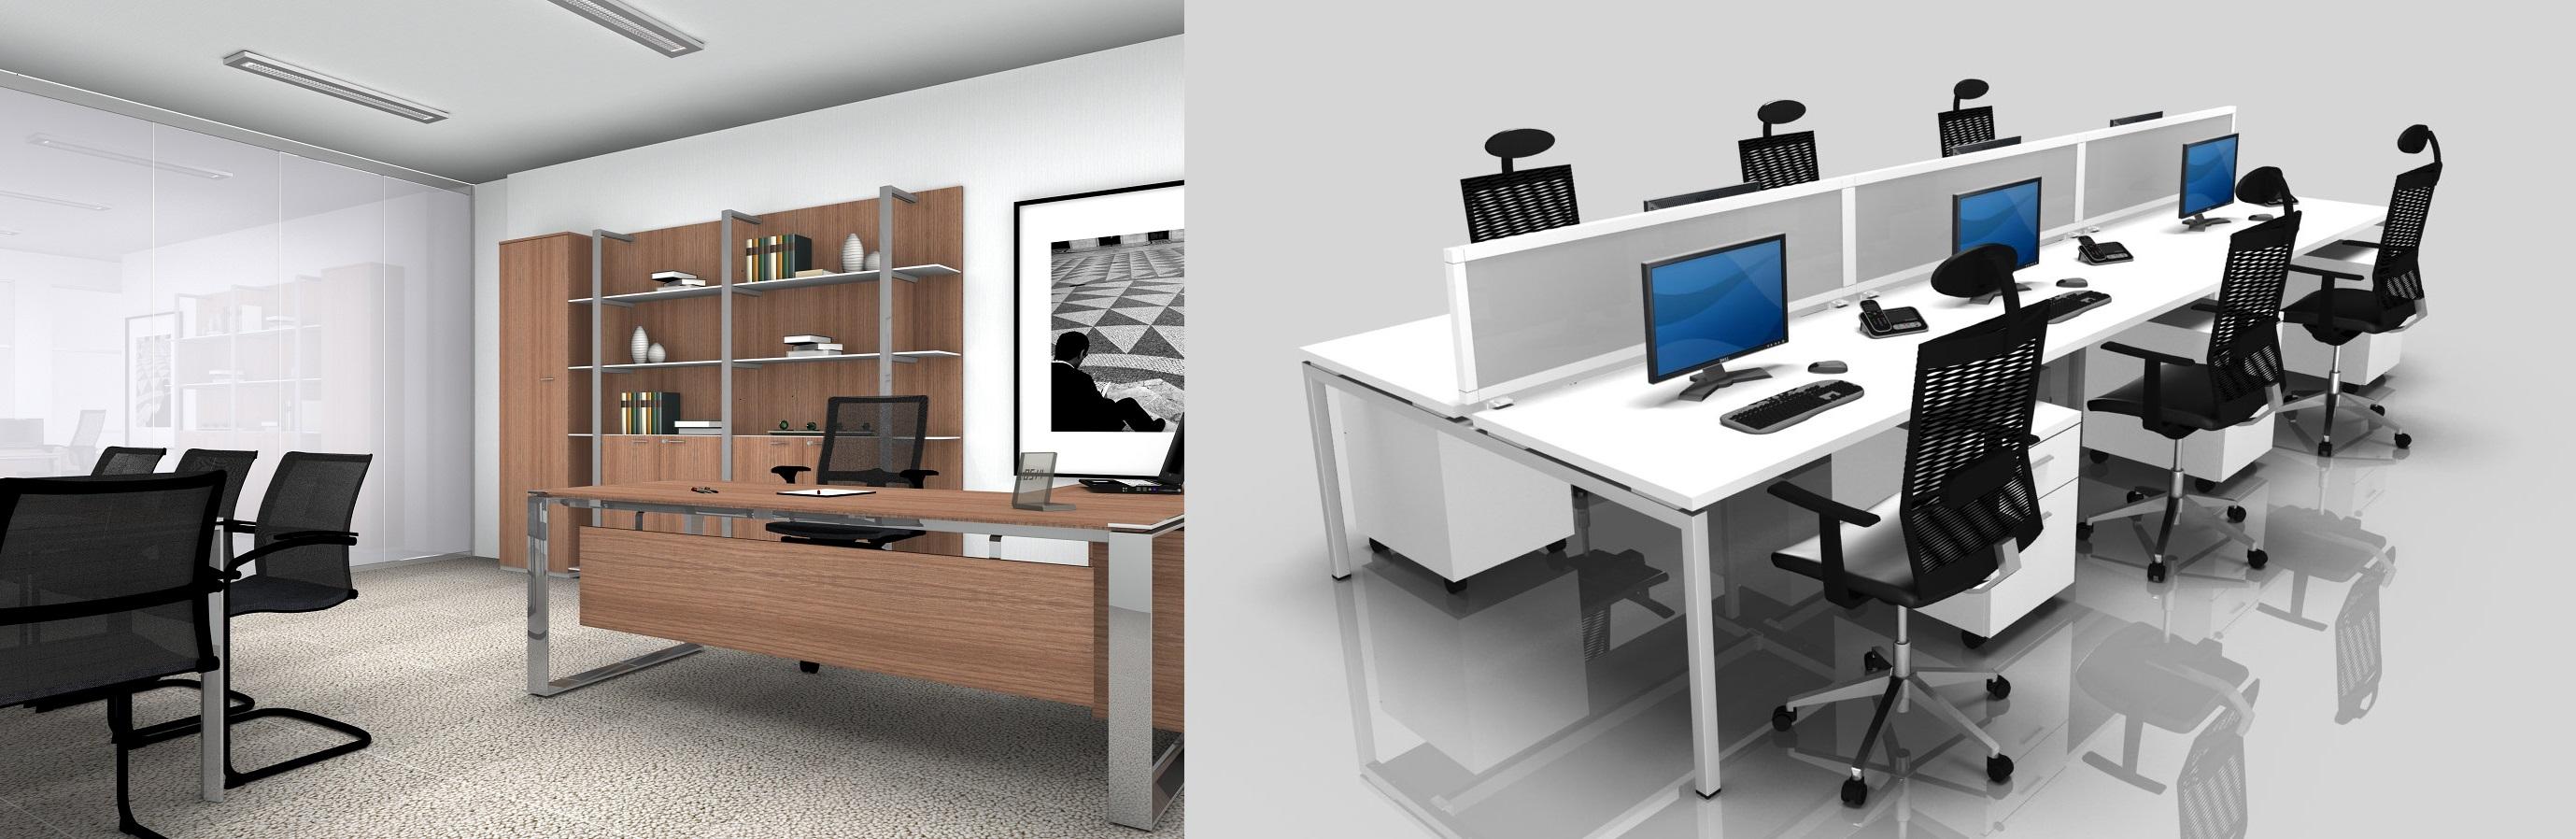 Уникальная офисная мебель в интерьере